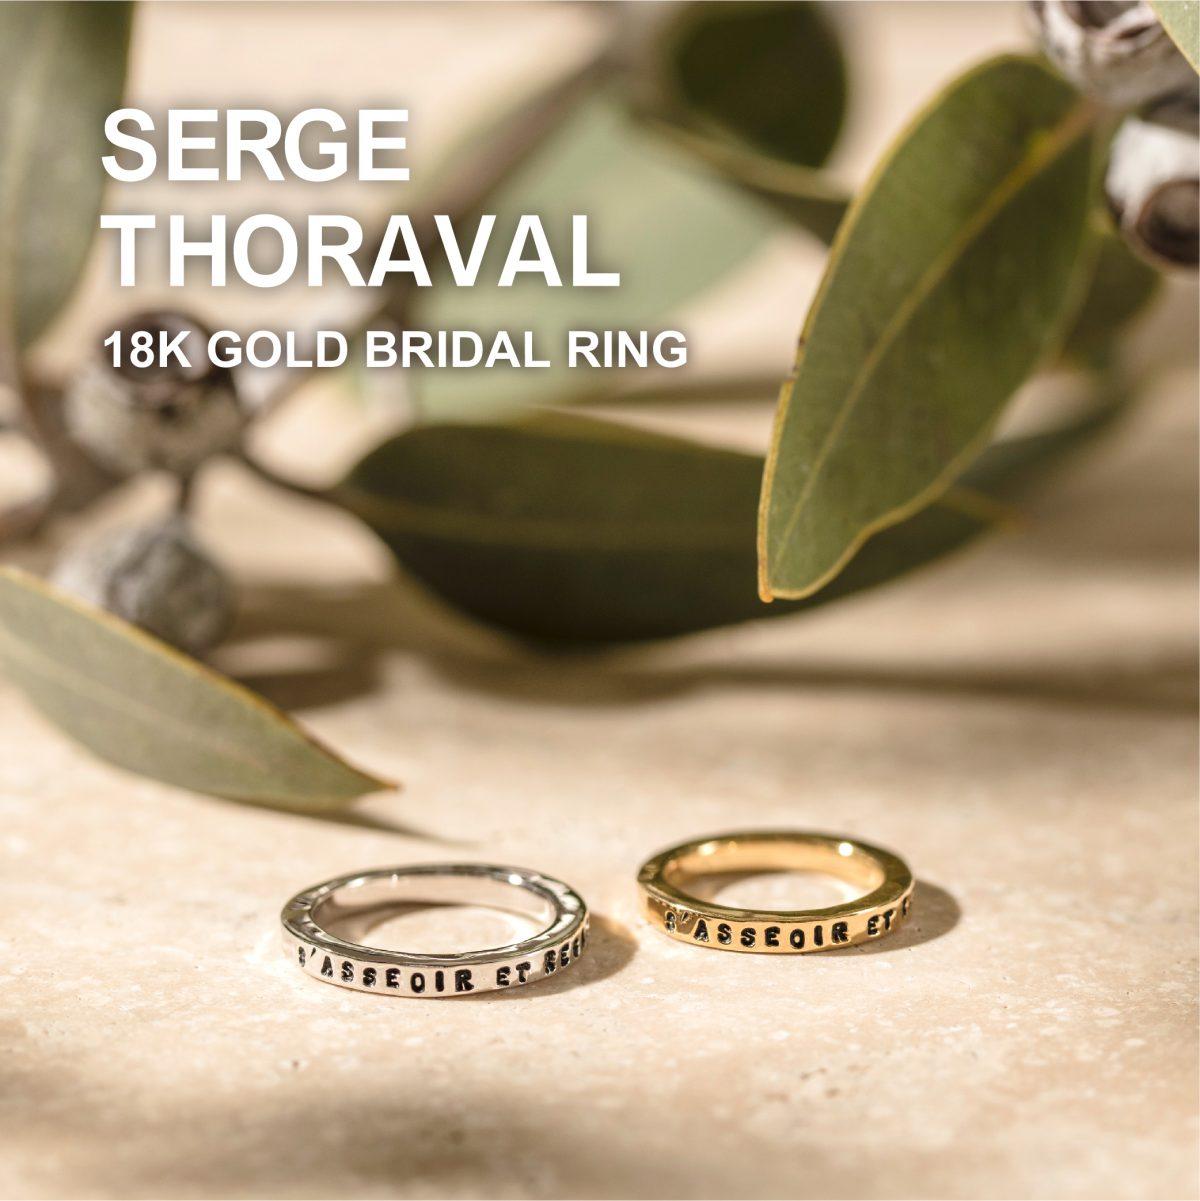 SERGETHORAVAL セルジュ・トラヴァル セルジュ ST アッシュペー 結婚 指輪 マリッジ セルジュ18金 アッシュペービジュー